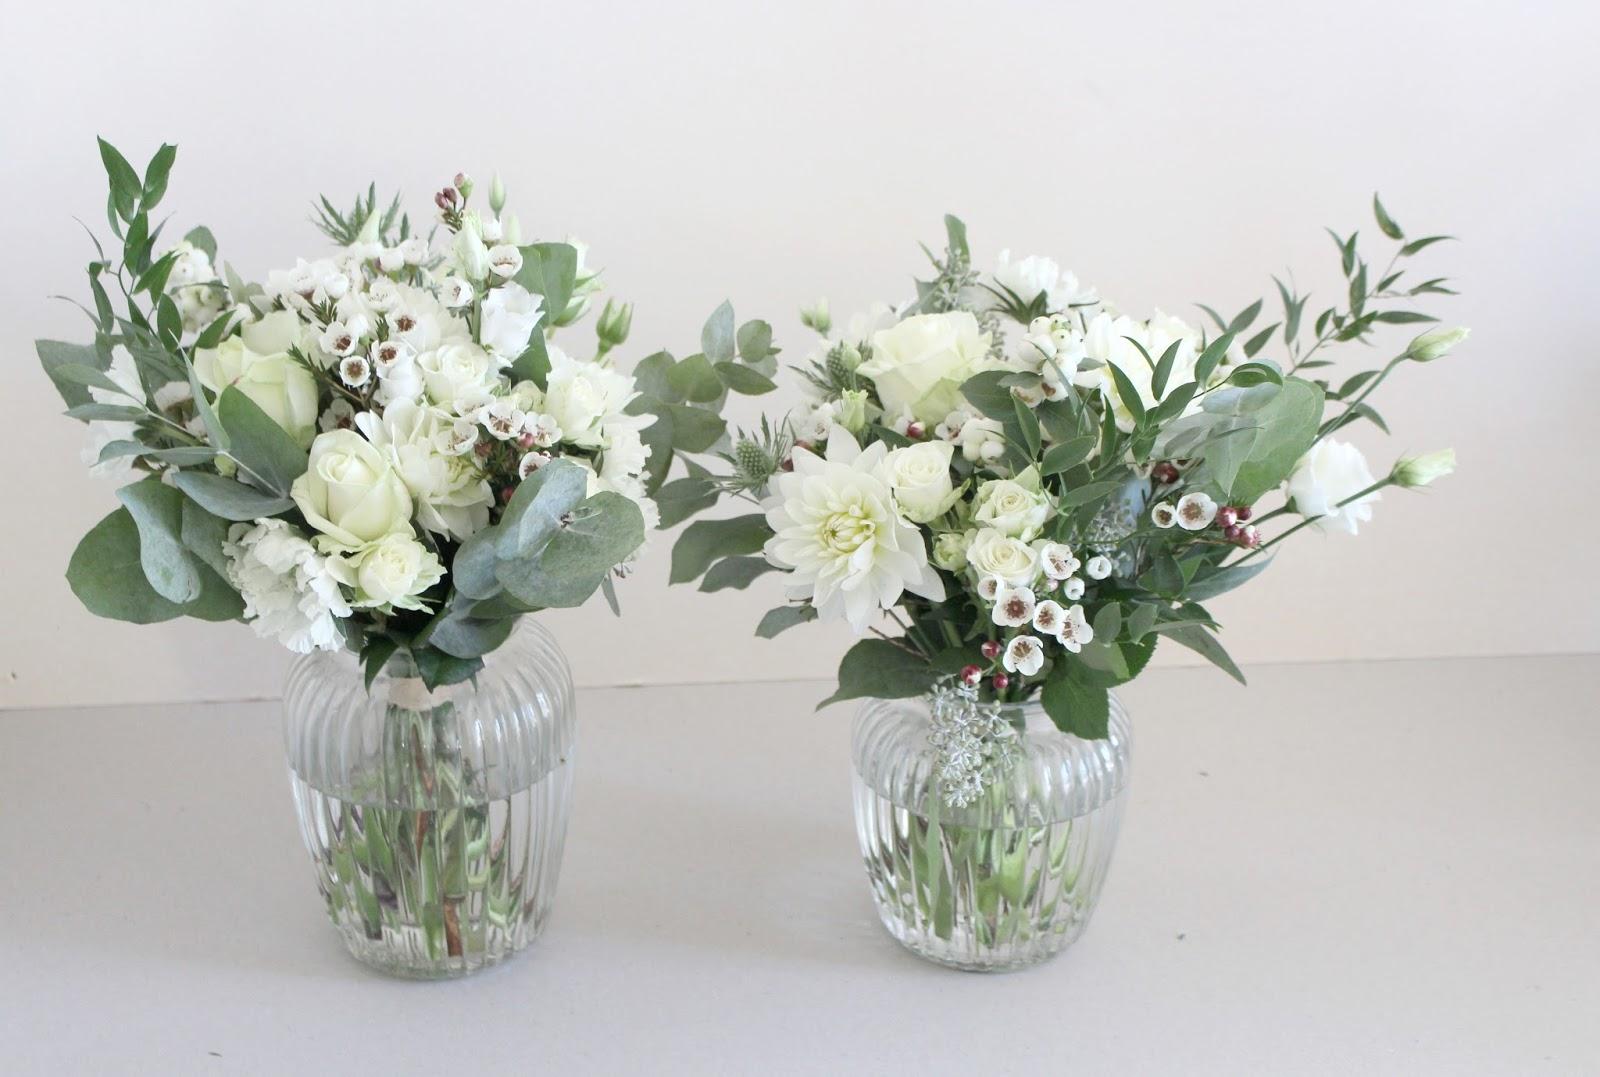 la petite boutique de fleurs fleuriste mariage lyon fleuriste mariage rh ne bouquet de la semaine. Black Bedroom Furniture Sets. Home Design Ideas